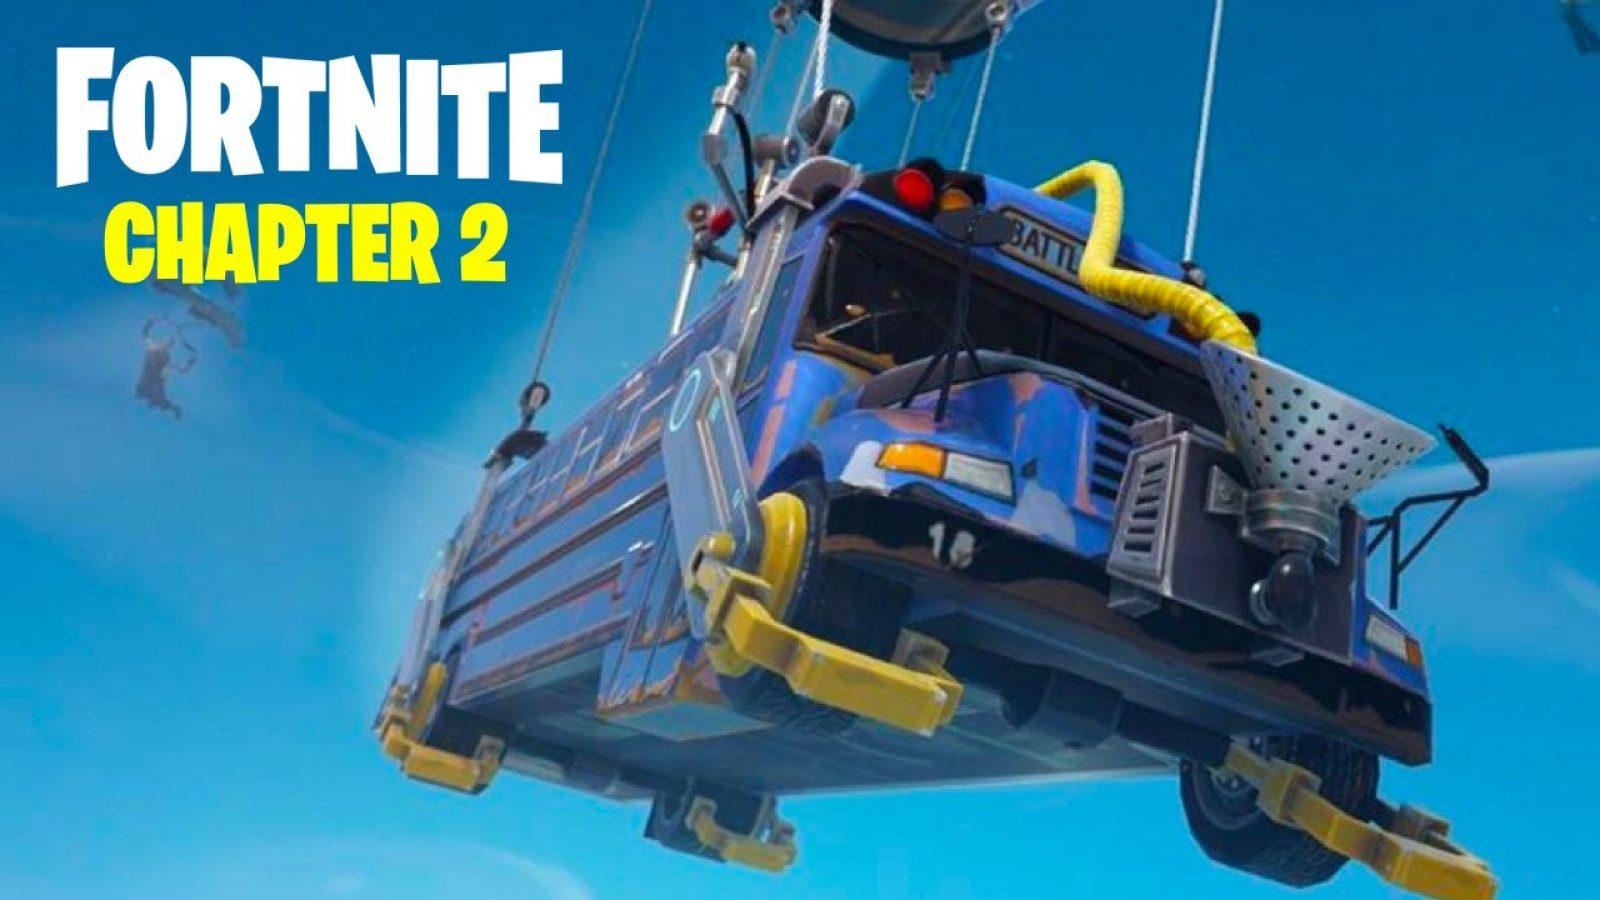 Fortnite: Chapter 2